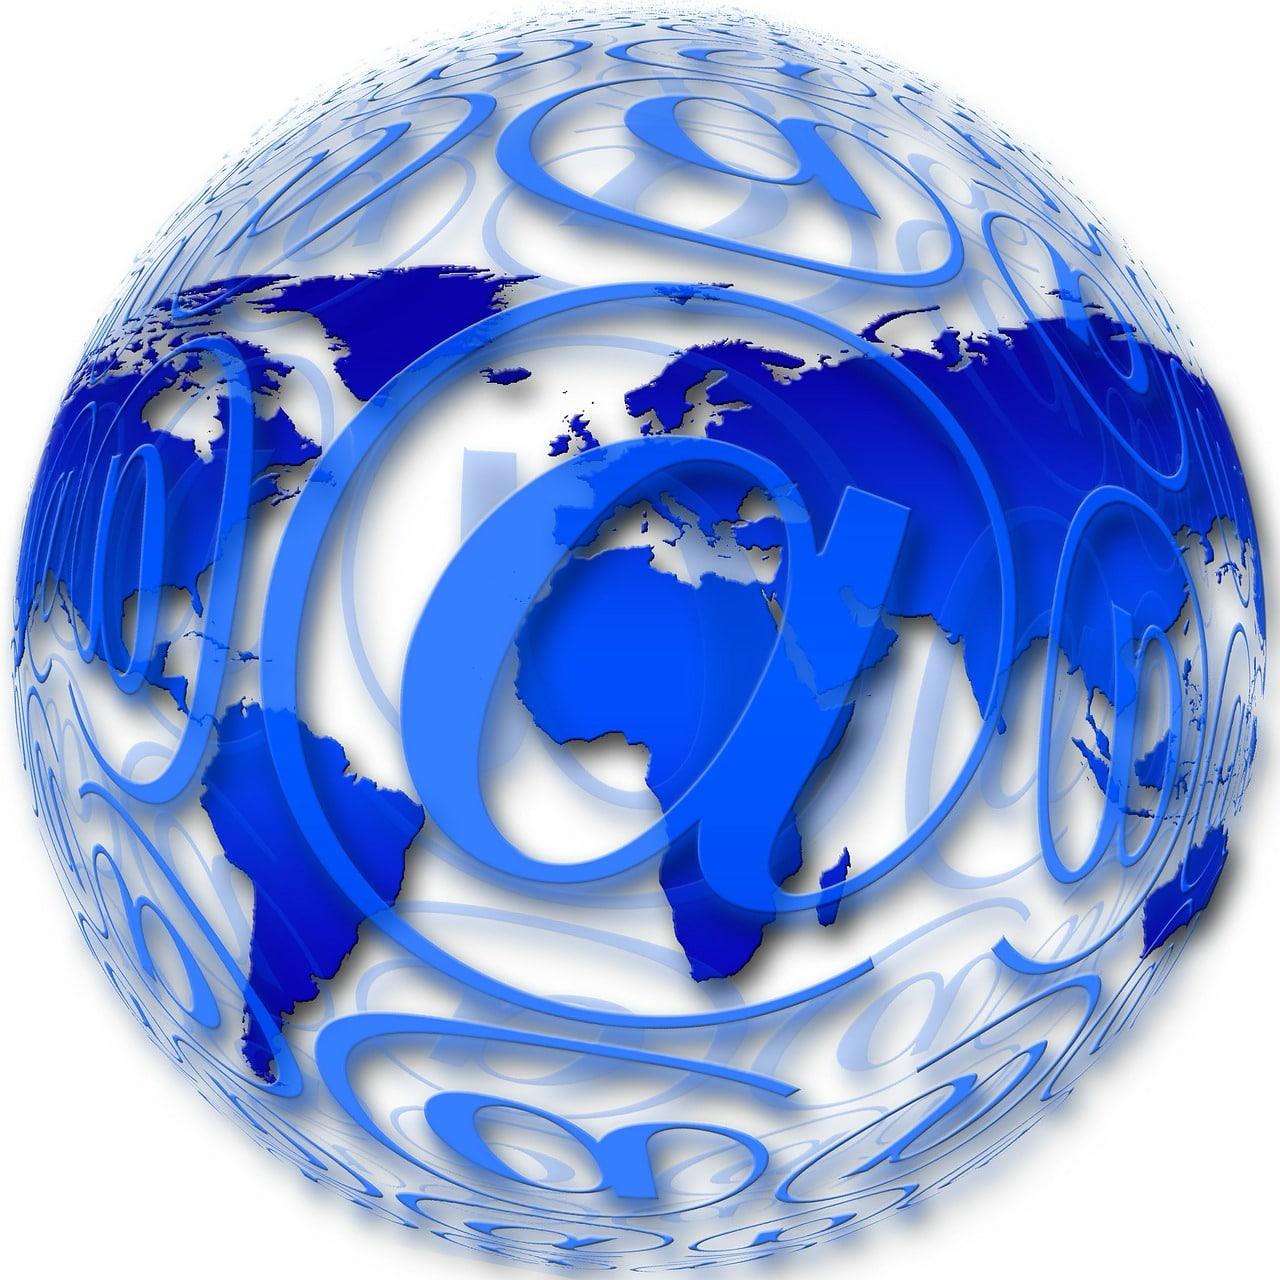 Bild von Wie findet man den richtigen Internetanbieter?